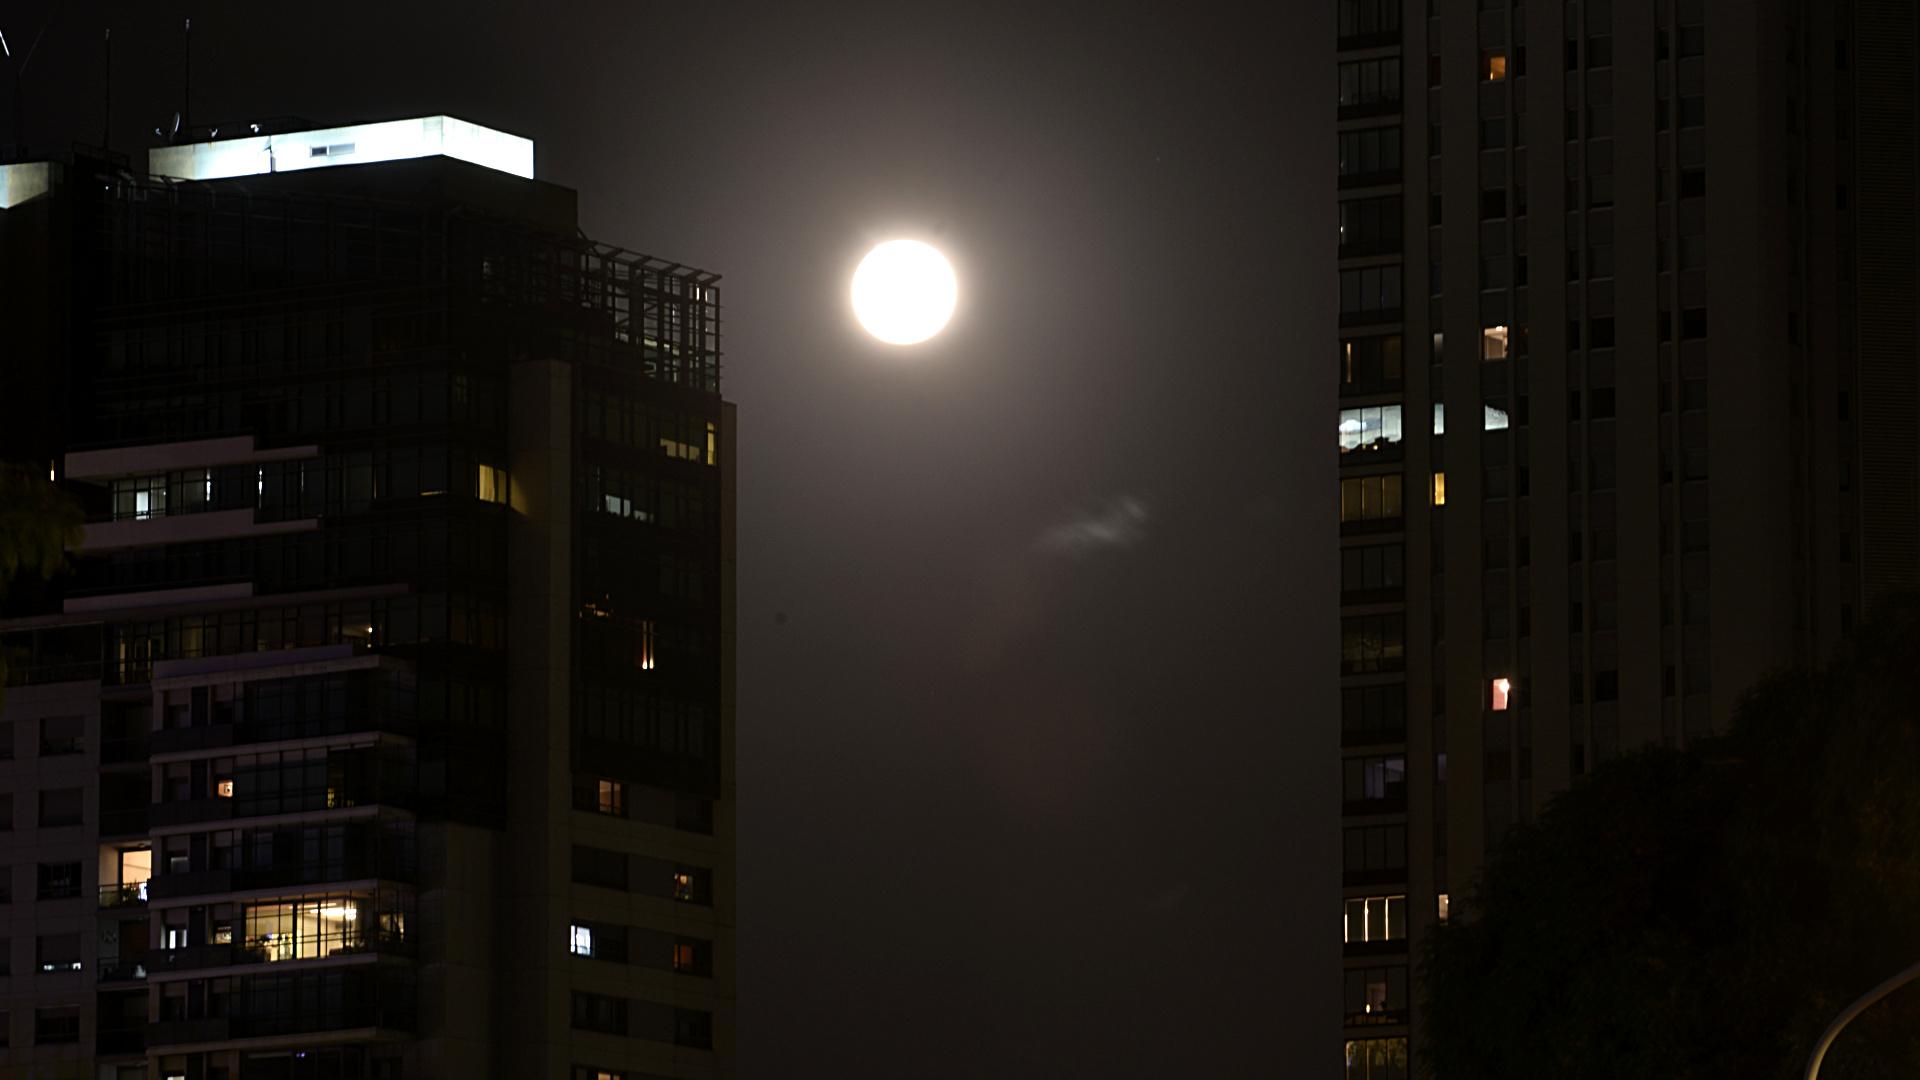 La Ciudad amaneció el lunes con la imagen de la luna llena, brillante en el oscuro firmamento